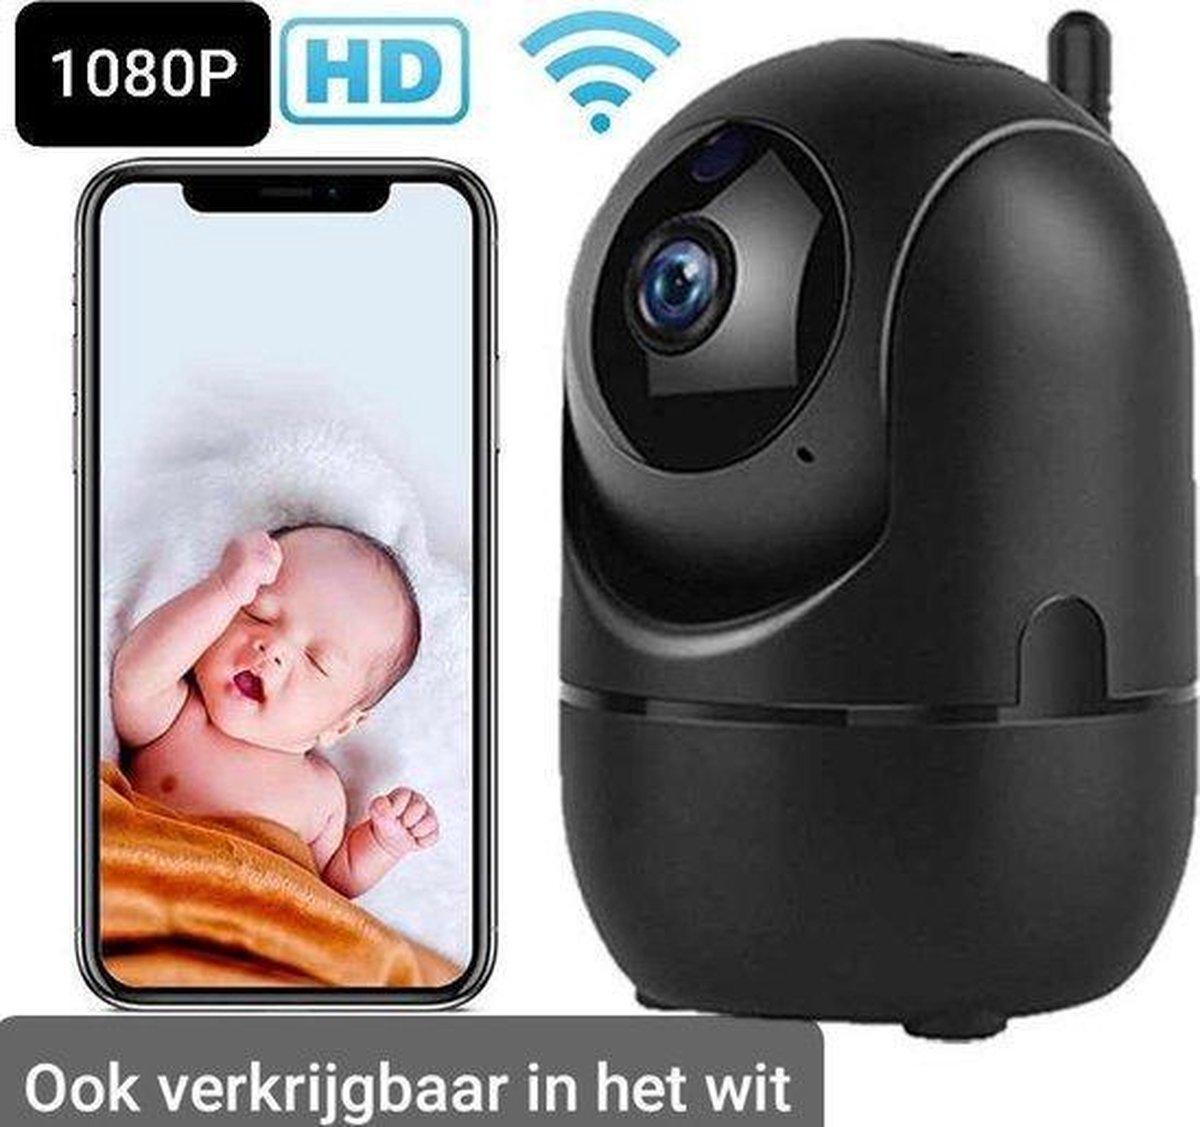 Babyfoon met camera zwart - Wifi Beveilingscamera zwart- Binnencamera Wifi -Babyfoon met Wifi -Camerabewaking-Tweezijdige Communicatie- Spraakfunctie -Nachtzicht- Onbeperkt bereik -HD Quality -1080P - Nederlandse Handleiding -Opslag in Cloud of SP